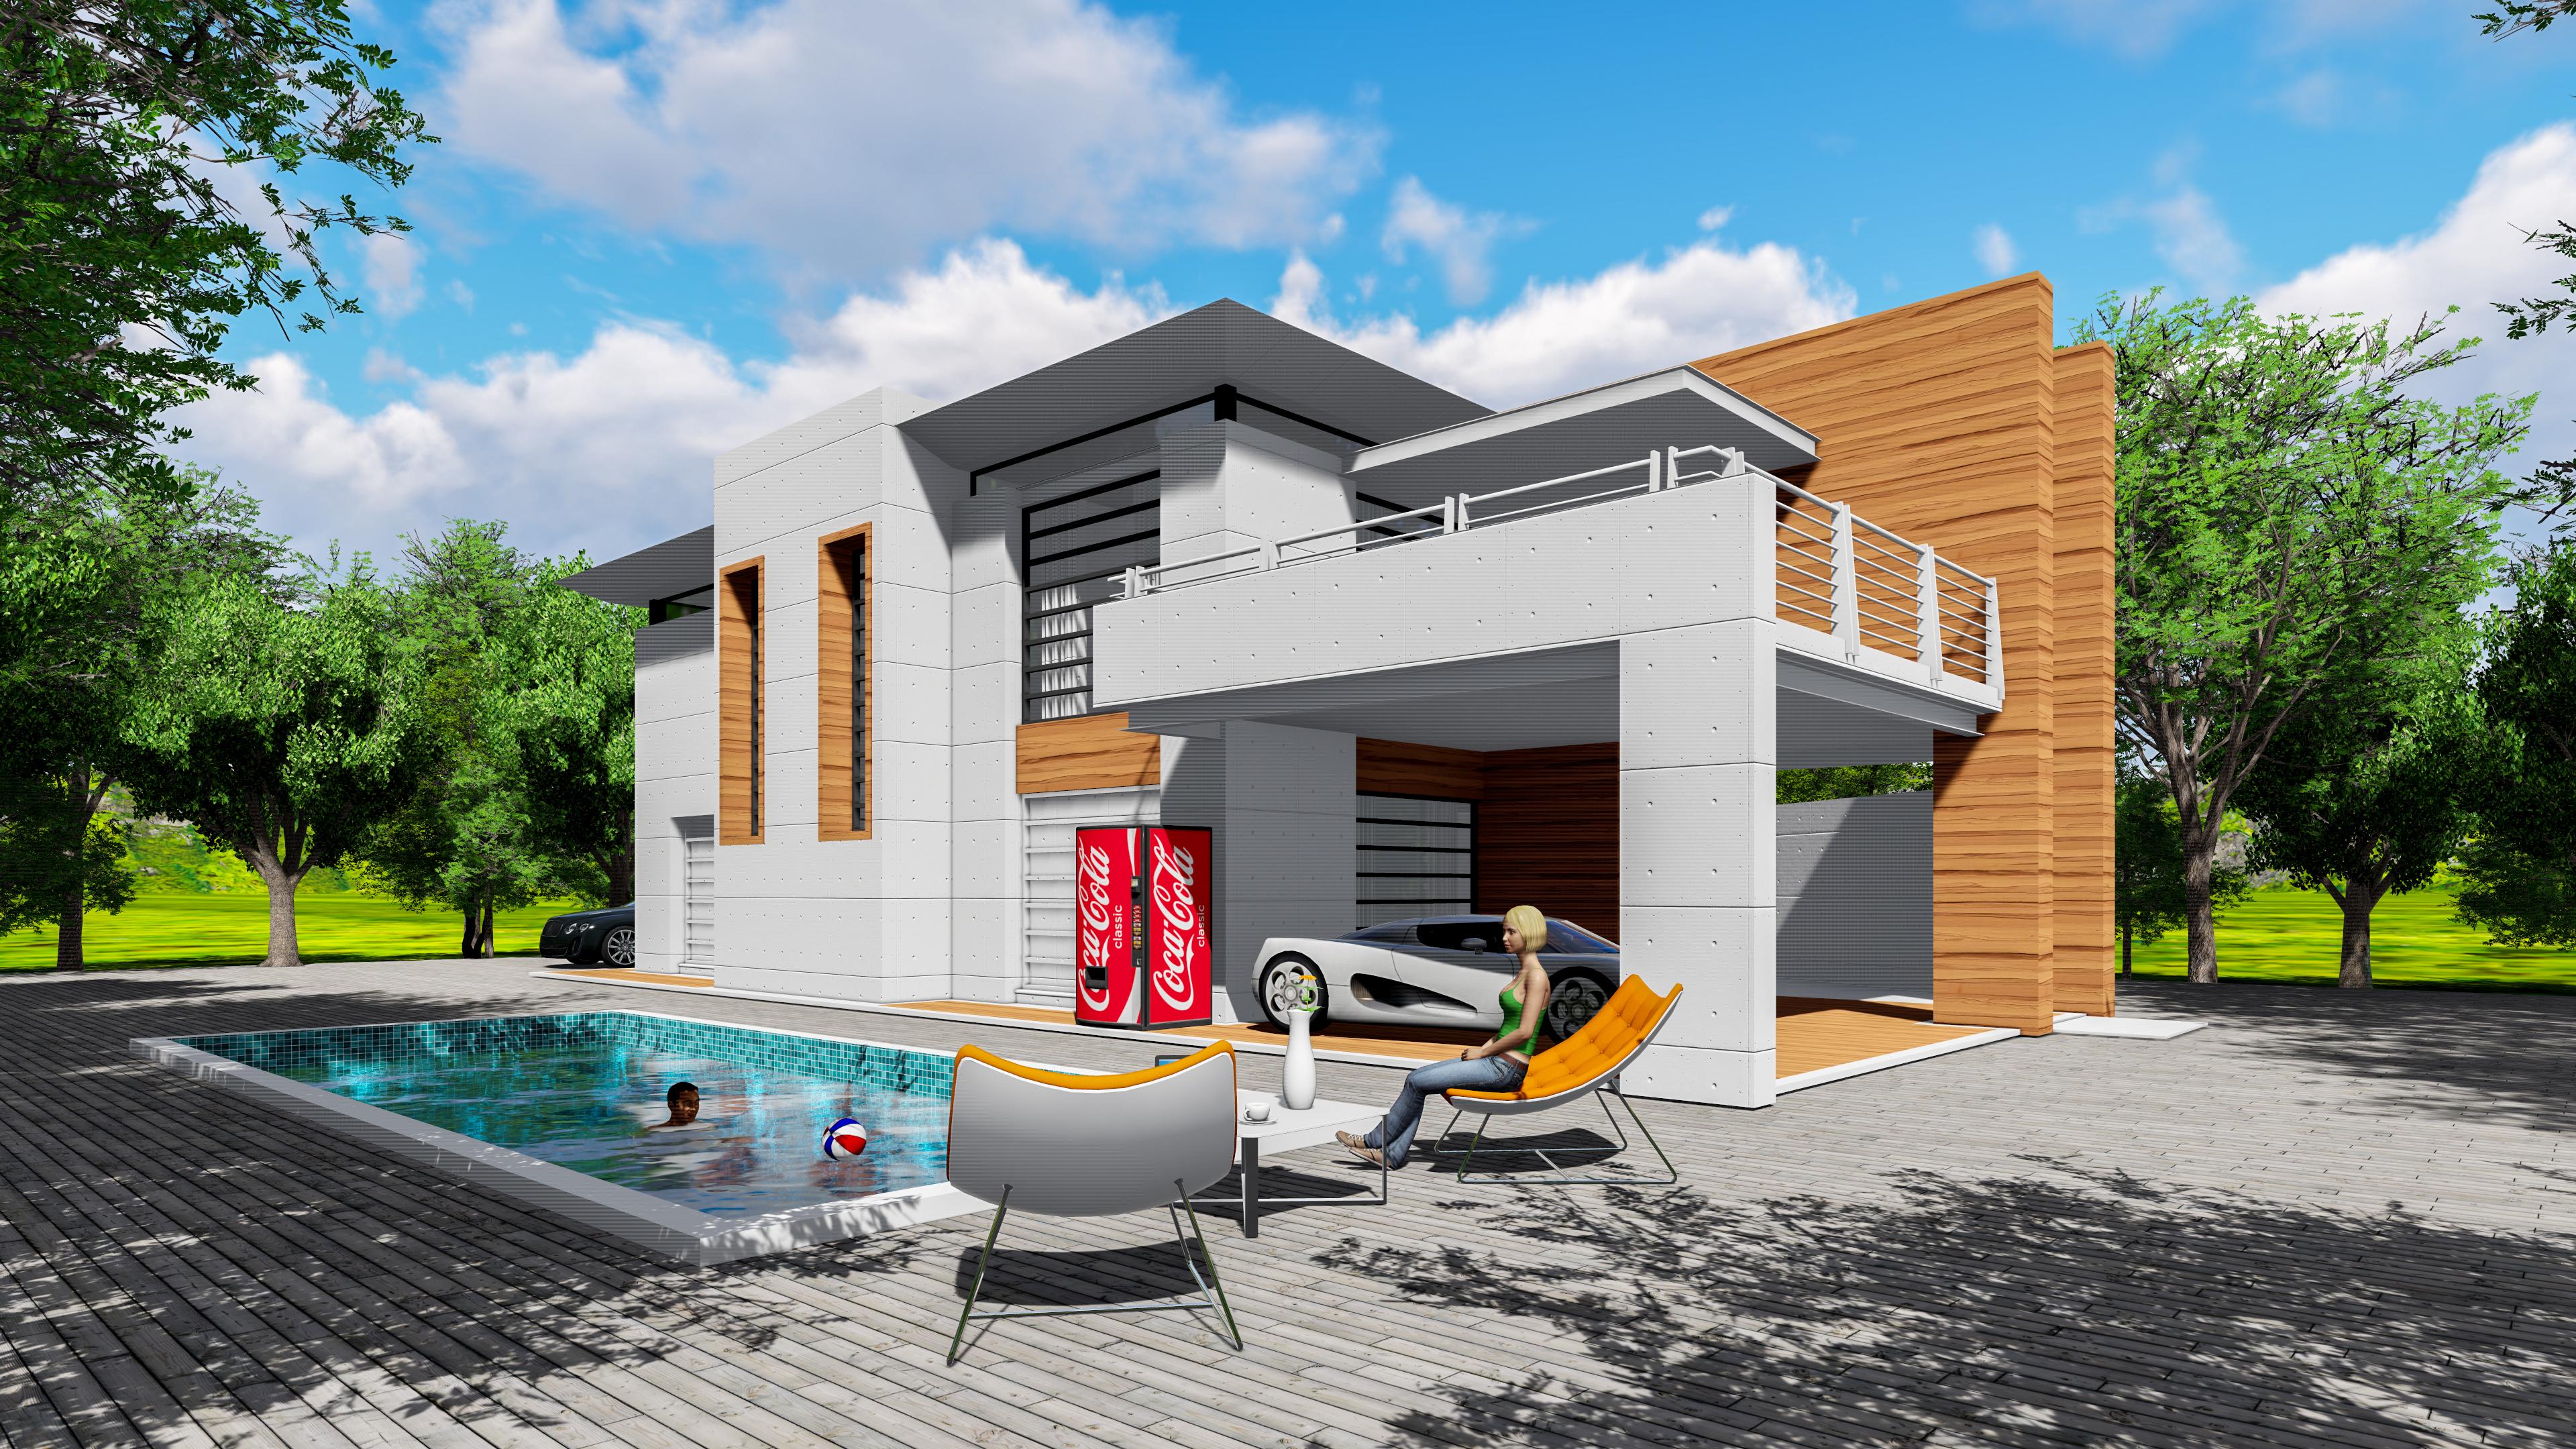 别墅建筑设计|空间|建筑设计|如梦幻寺 - 原创作品图片